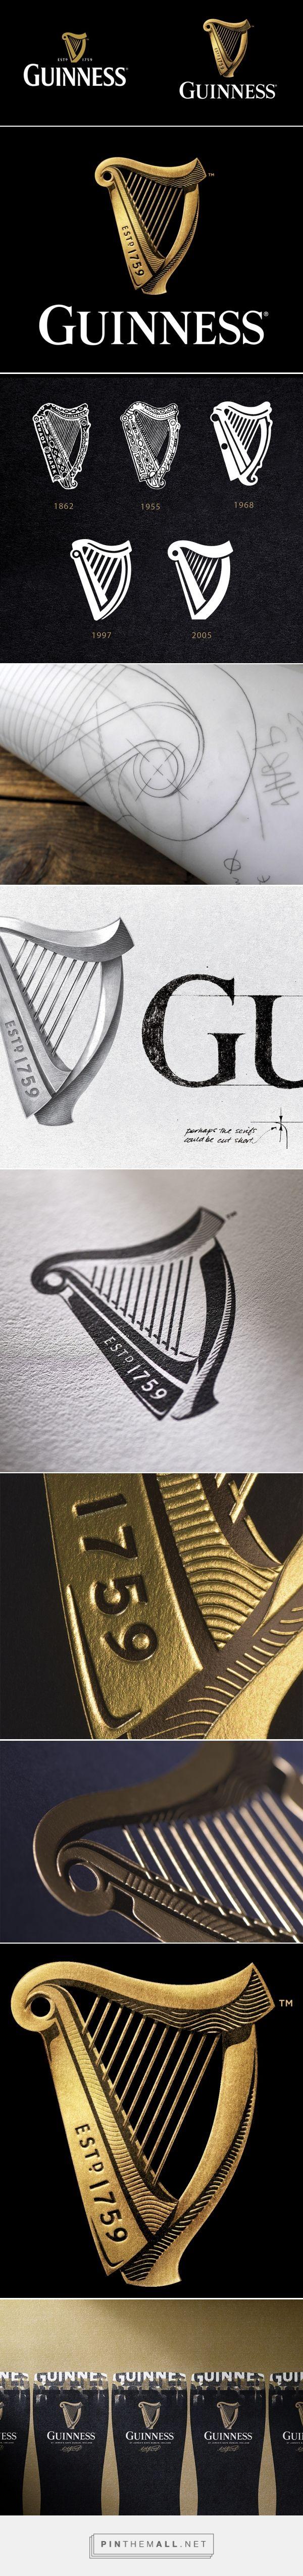 New Logo for Guinness by Design Bridge #branding #beer